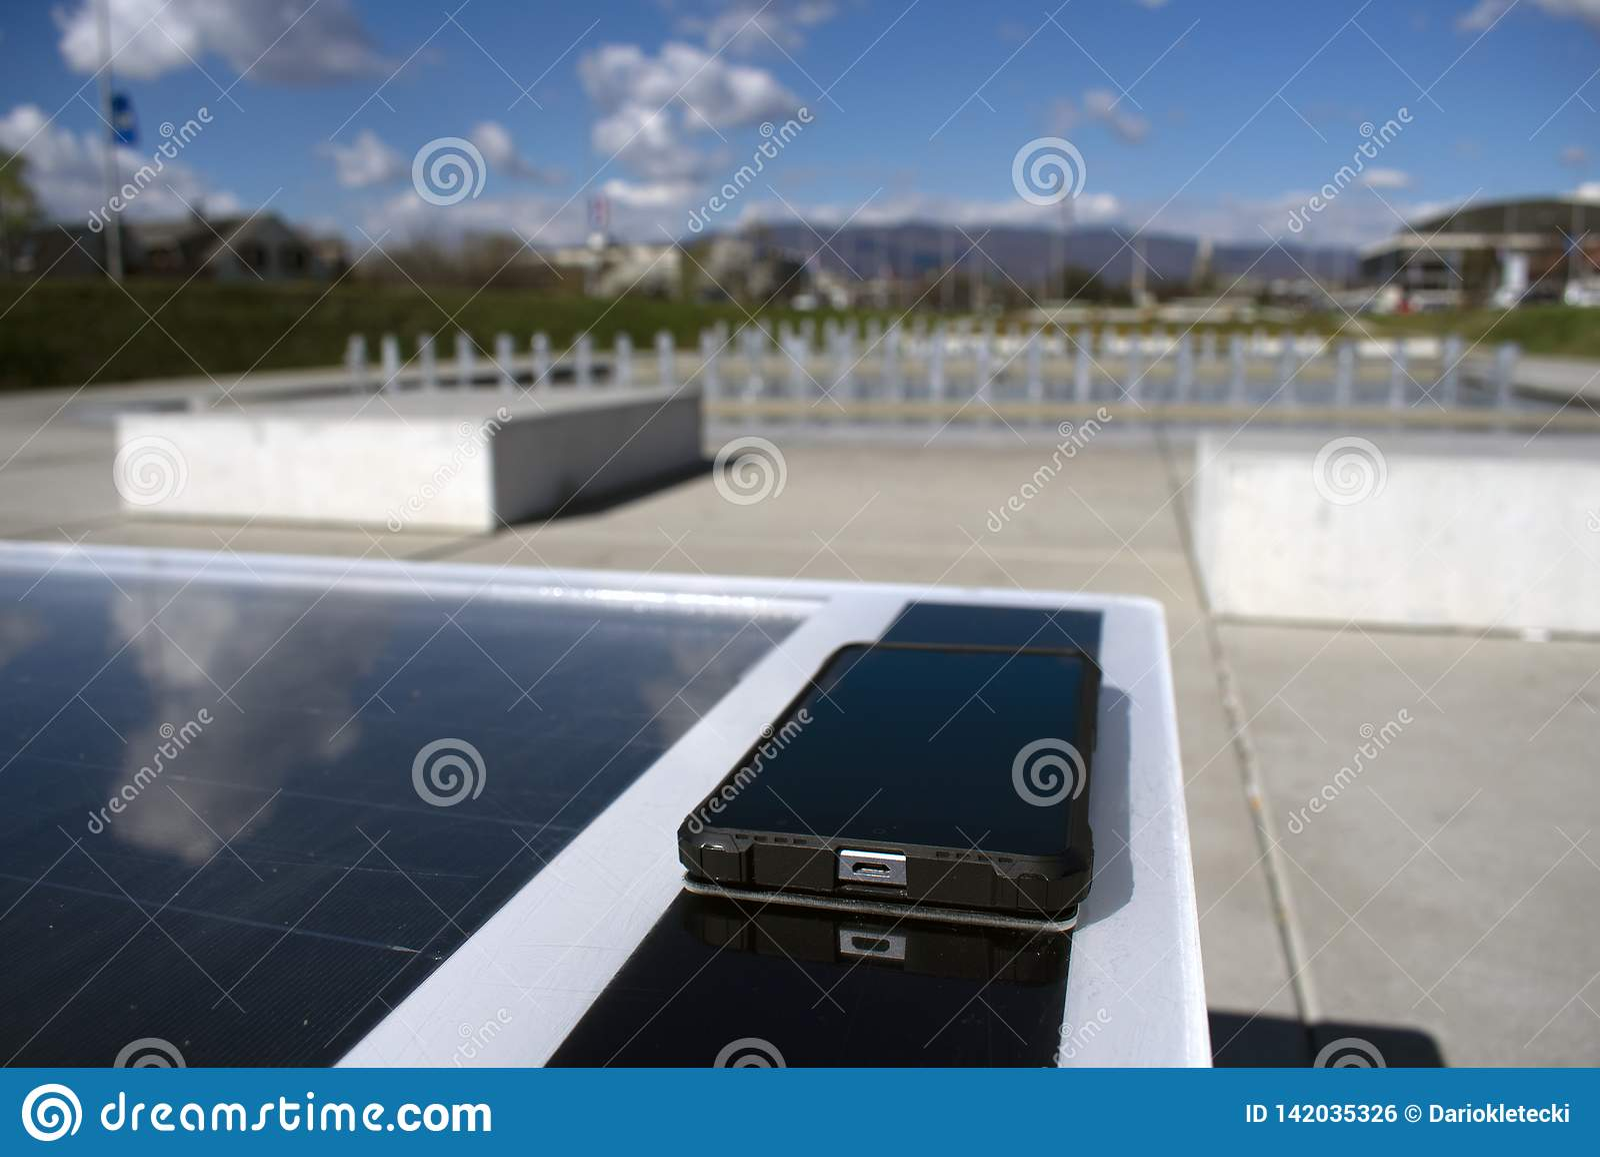 Mobiltelefon som avlägset laddar på en sol- bänk